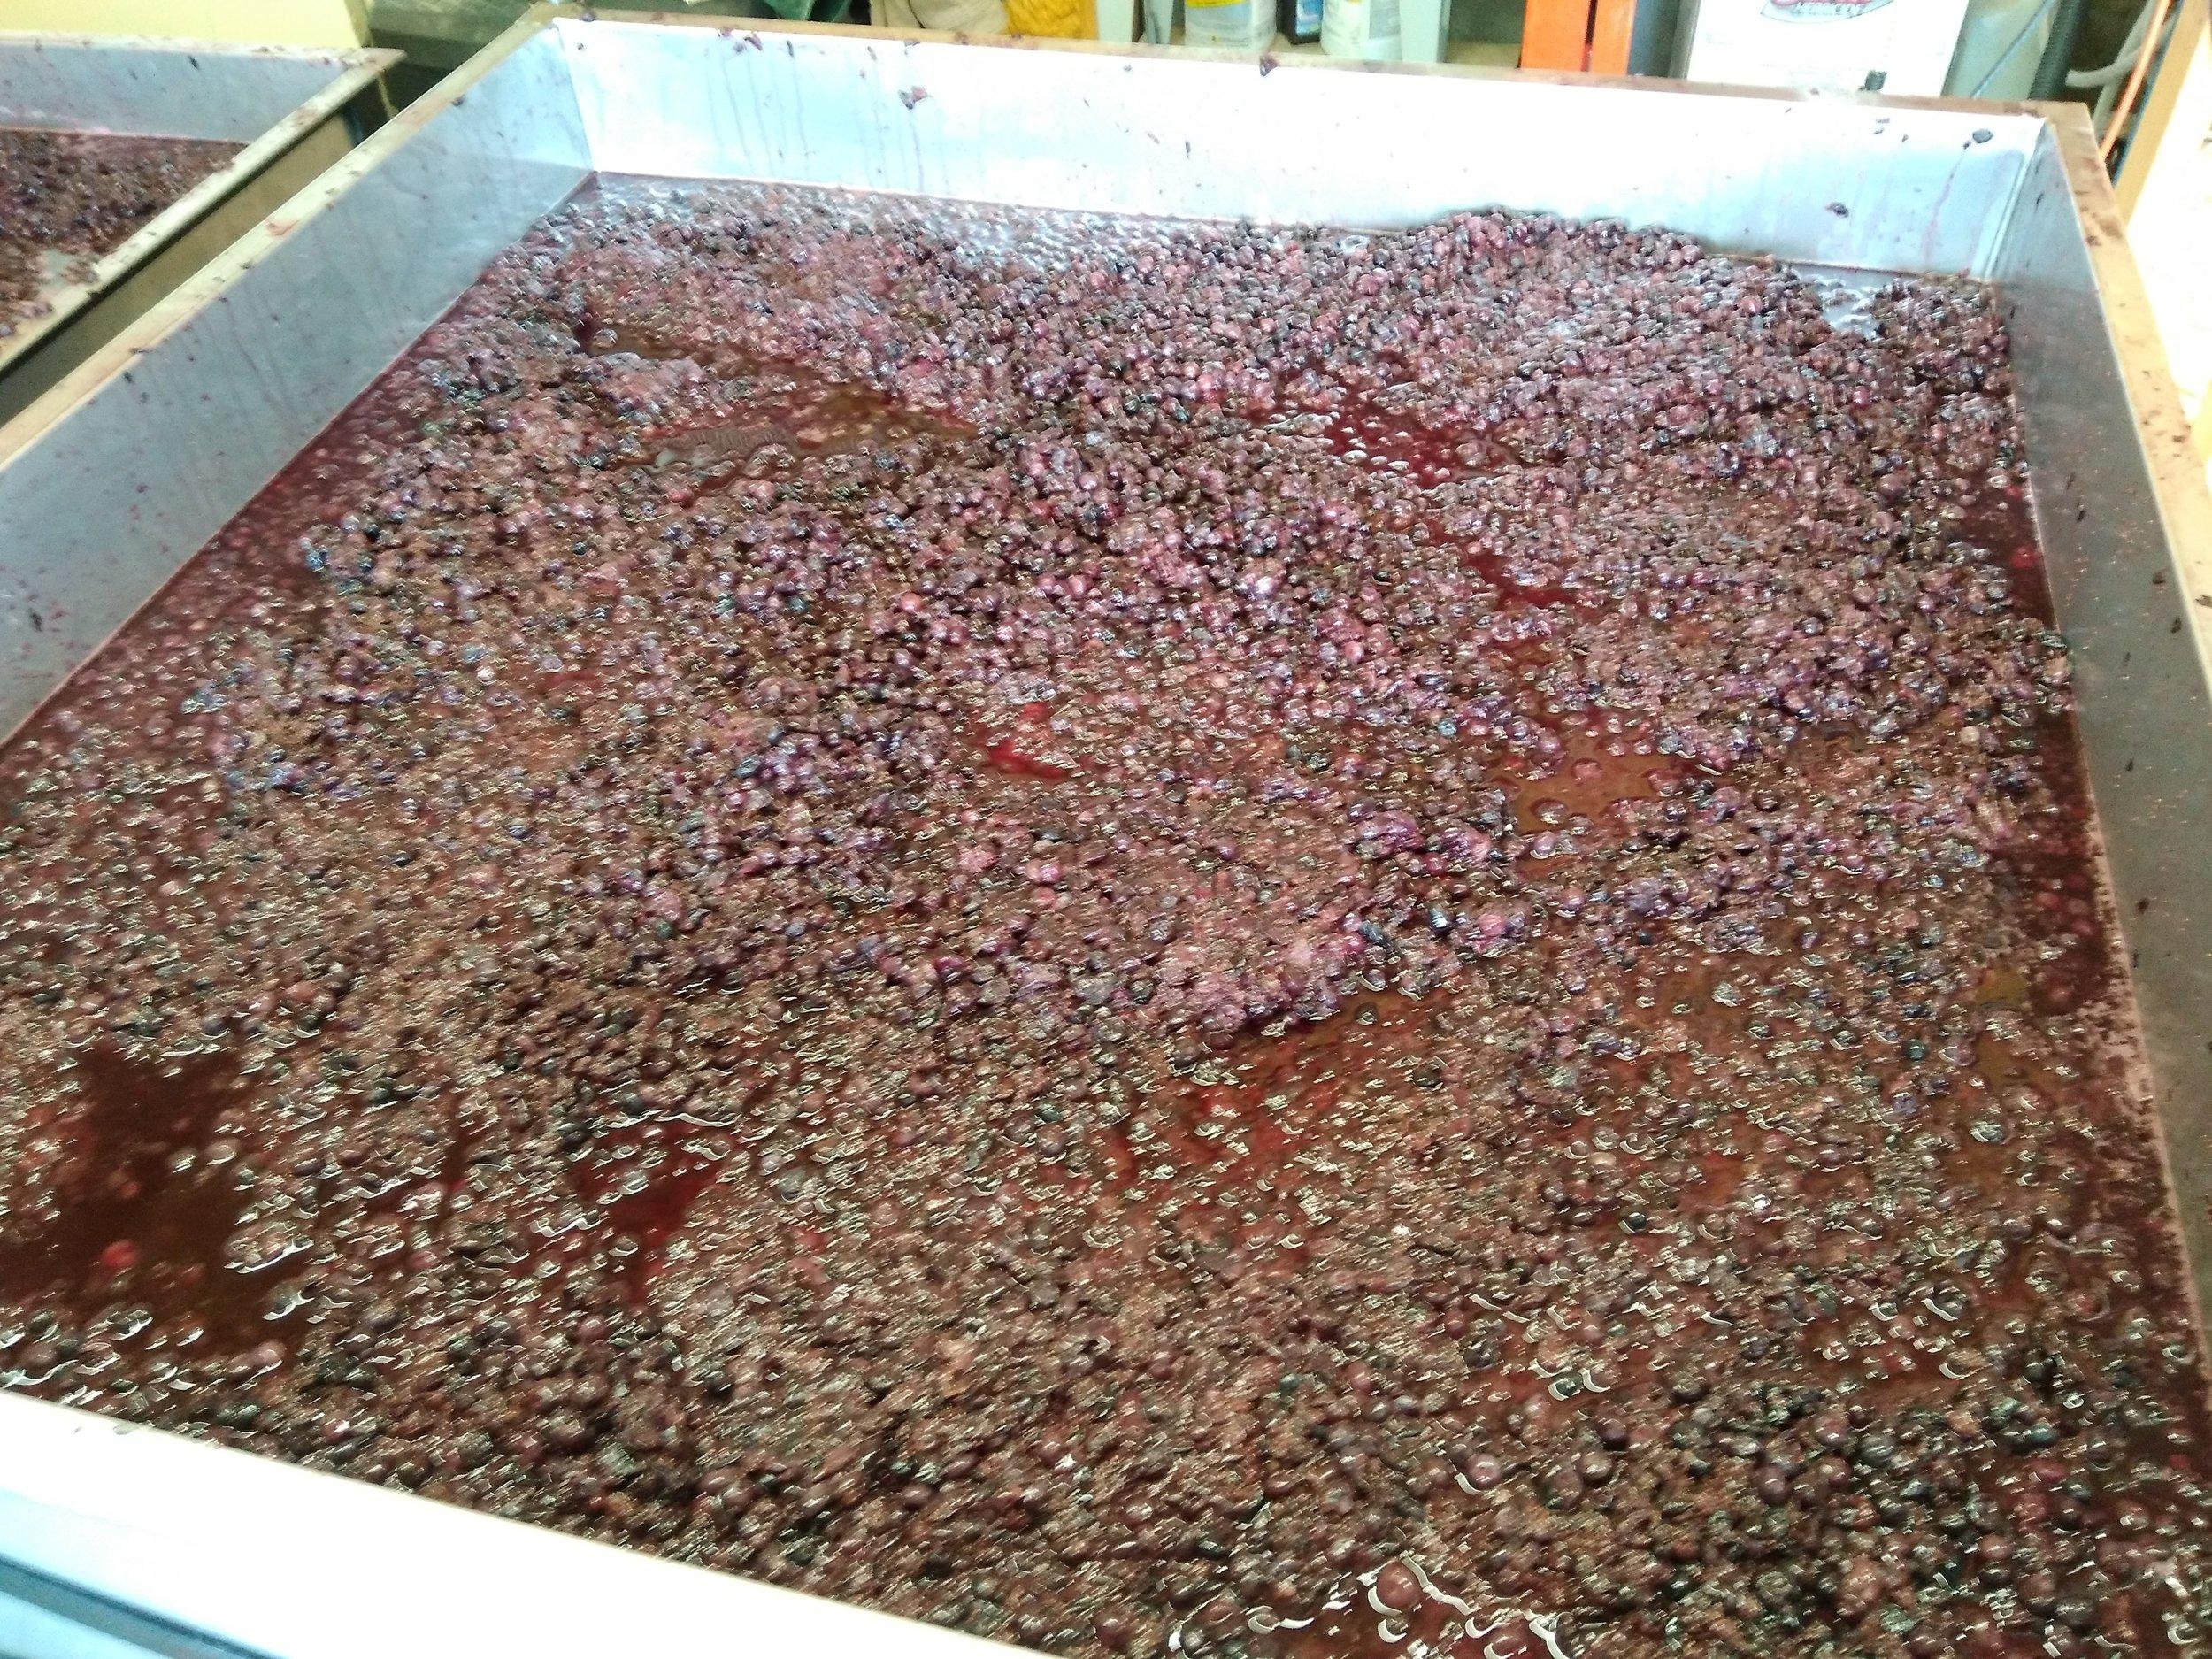 Crushed Blueberries in tank.jpg